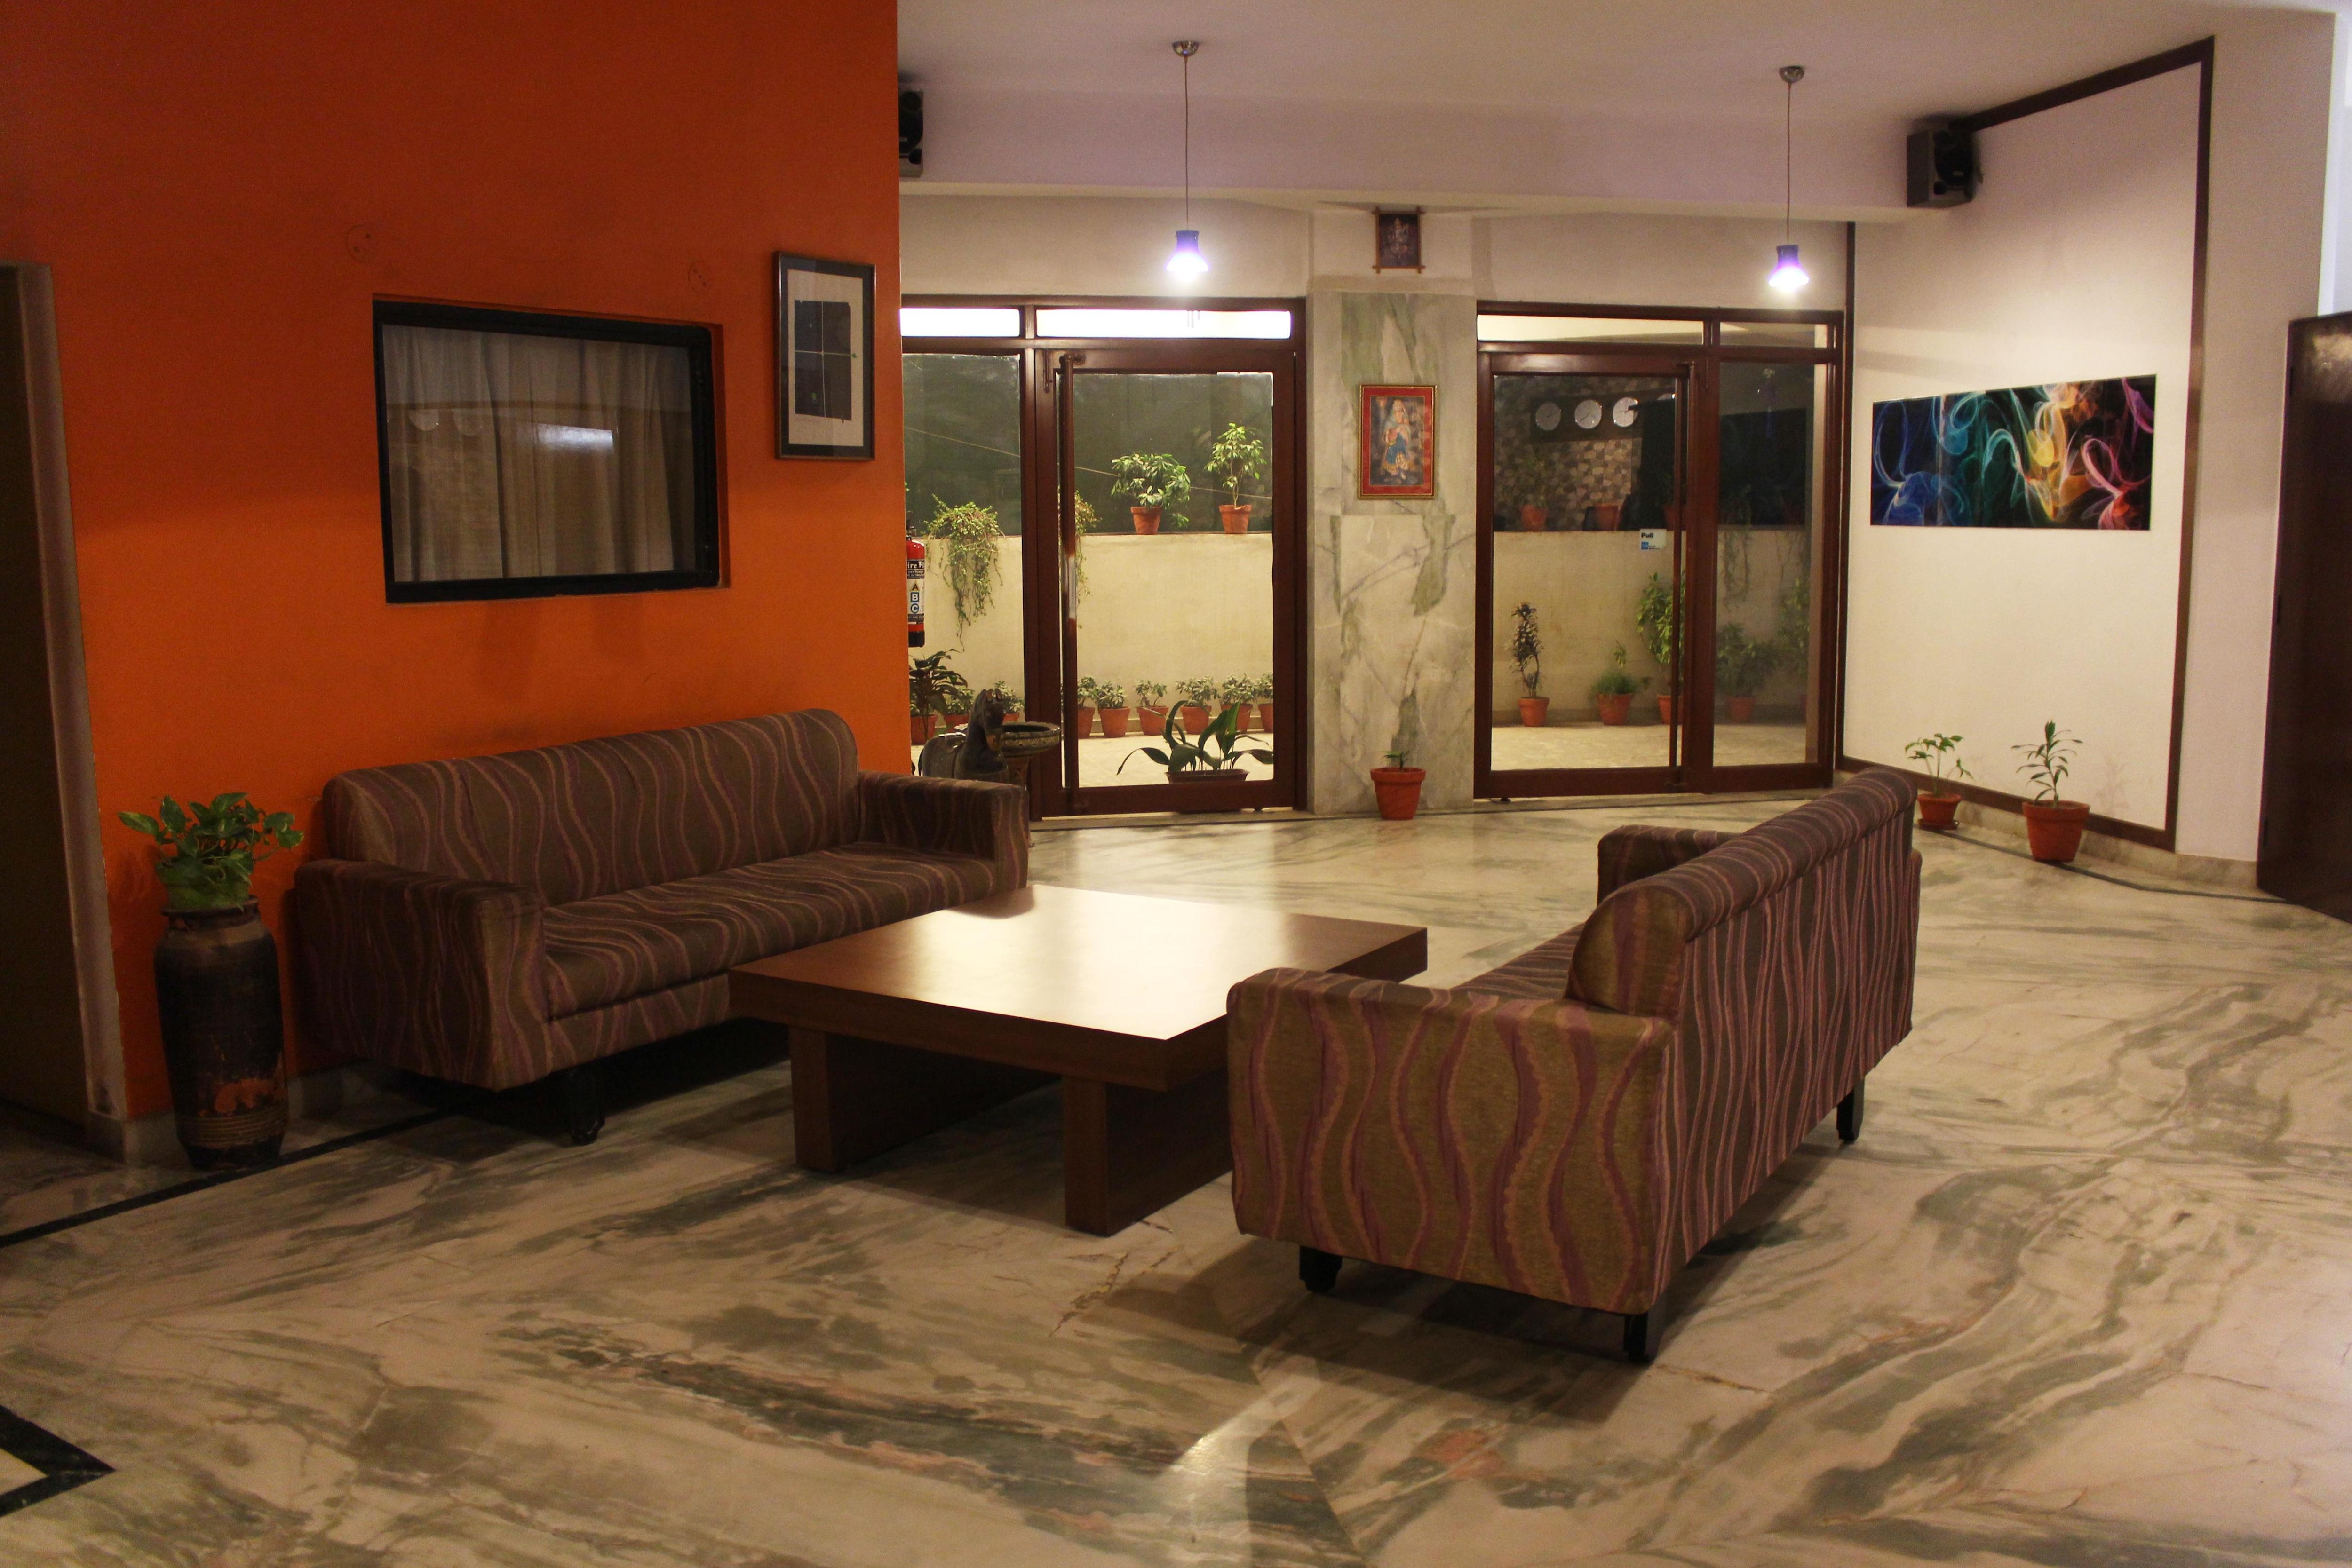 OYO Rooms 005 Vasundhara Nagar Bhiwadi